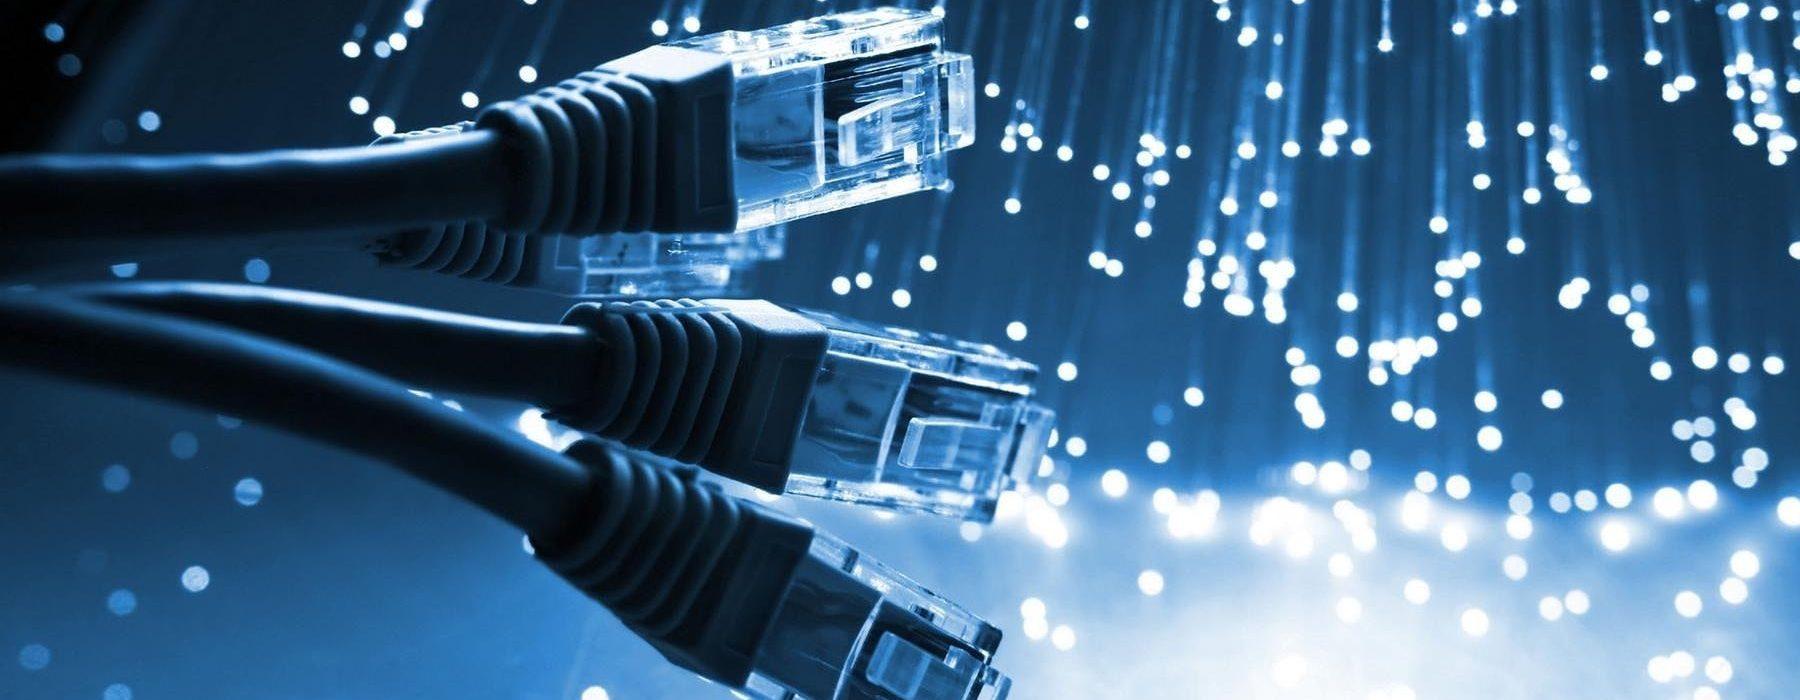 ¿Cómo han cambiado las telecomunicaciones en los últimos años?